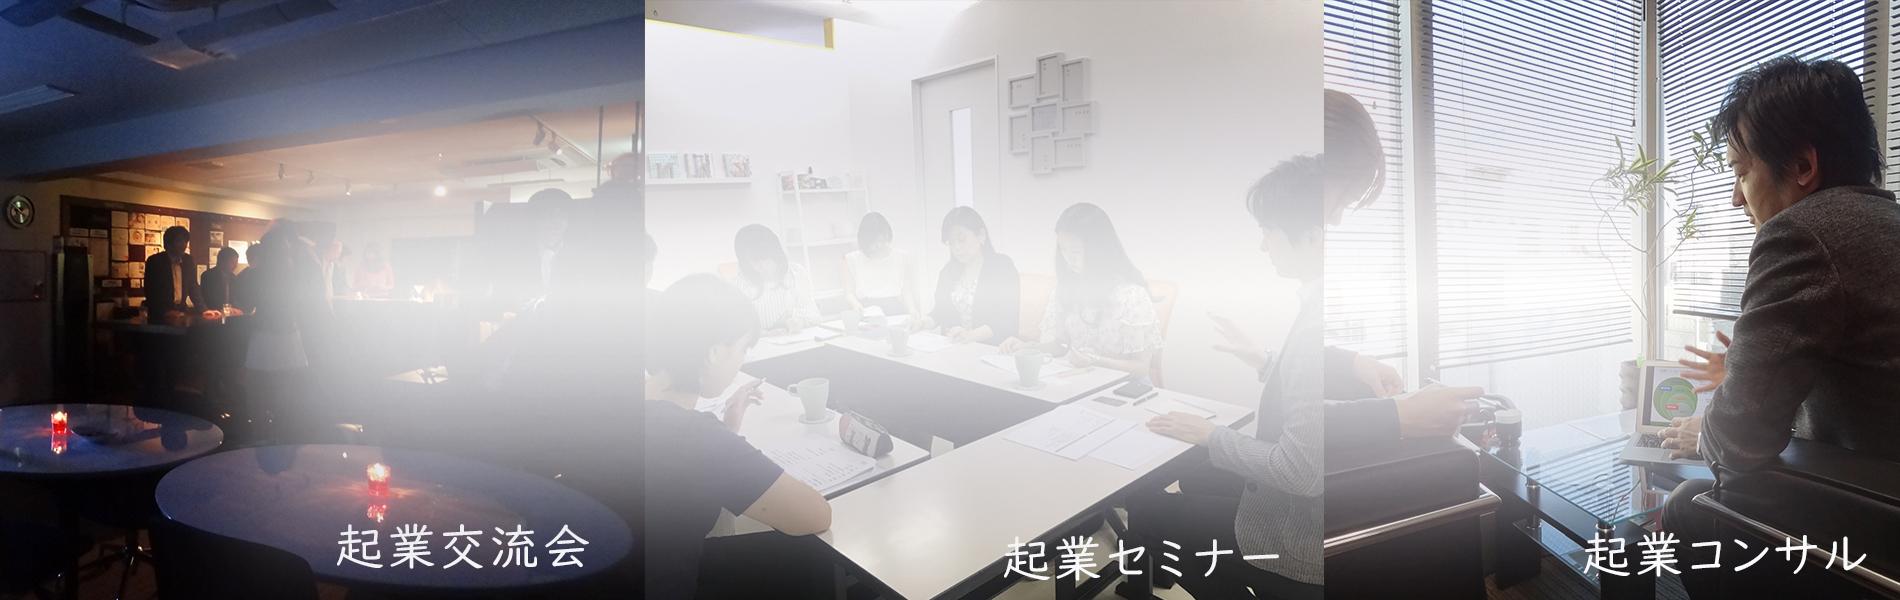 名古屋起業セミナー起業コンサルティング